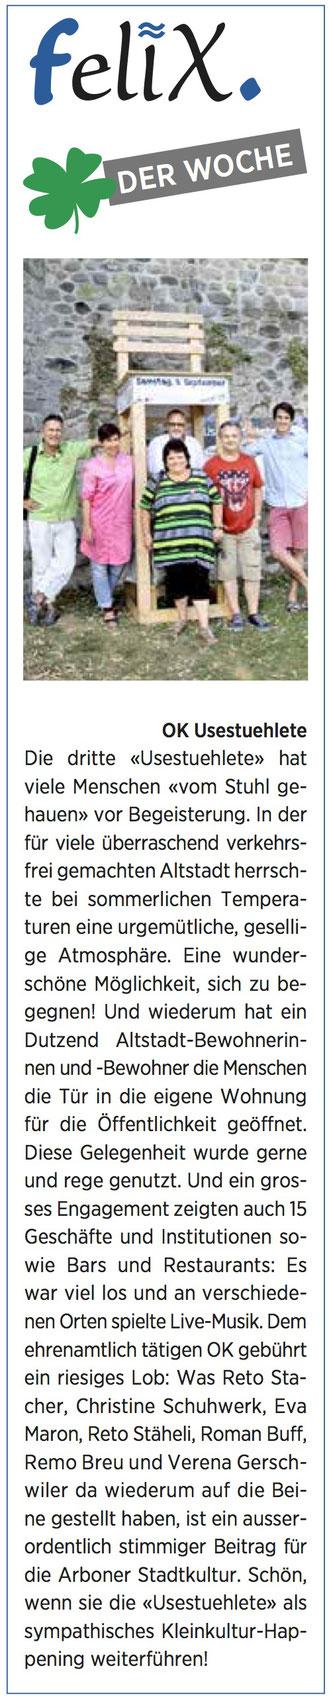 Wochenzeitung felix, 09.09.2016